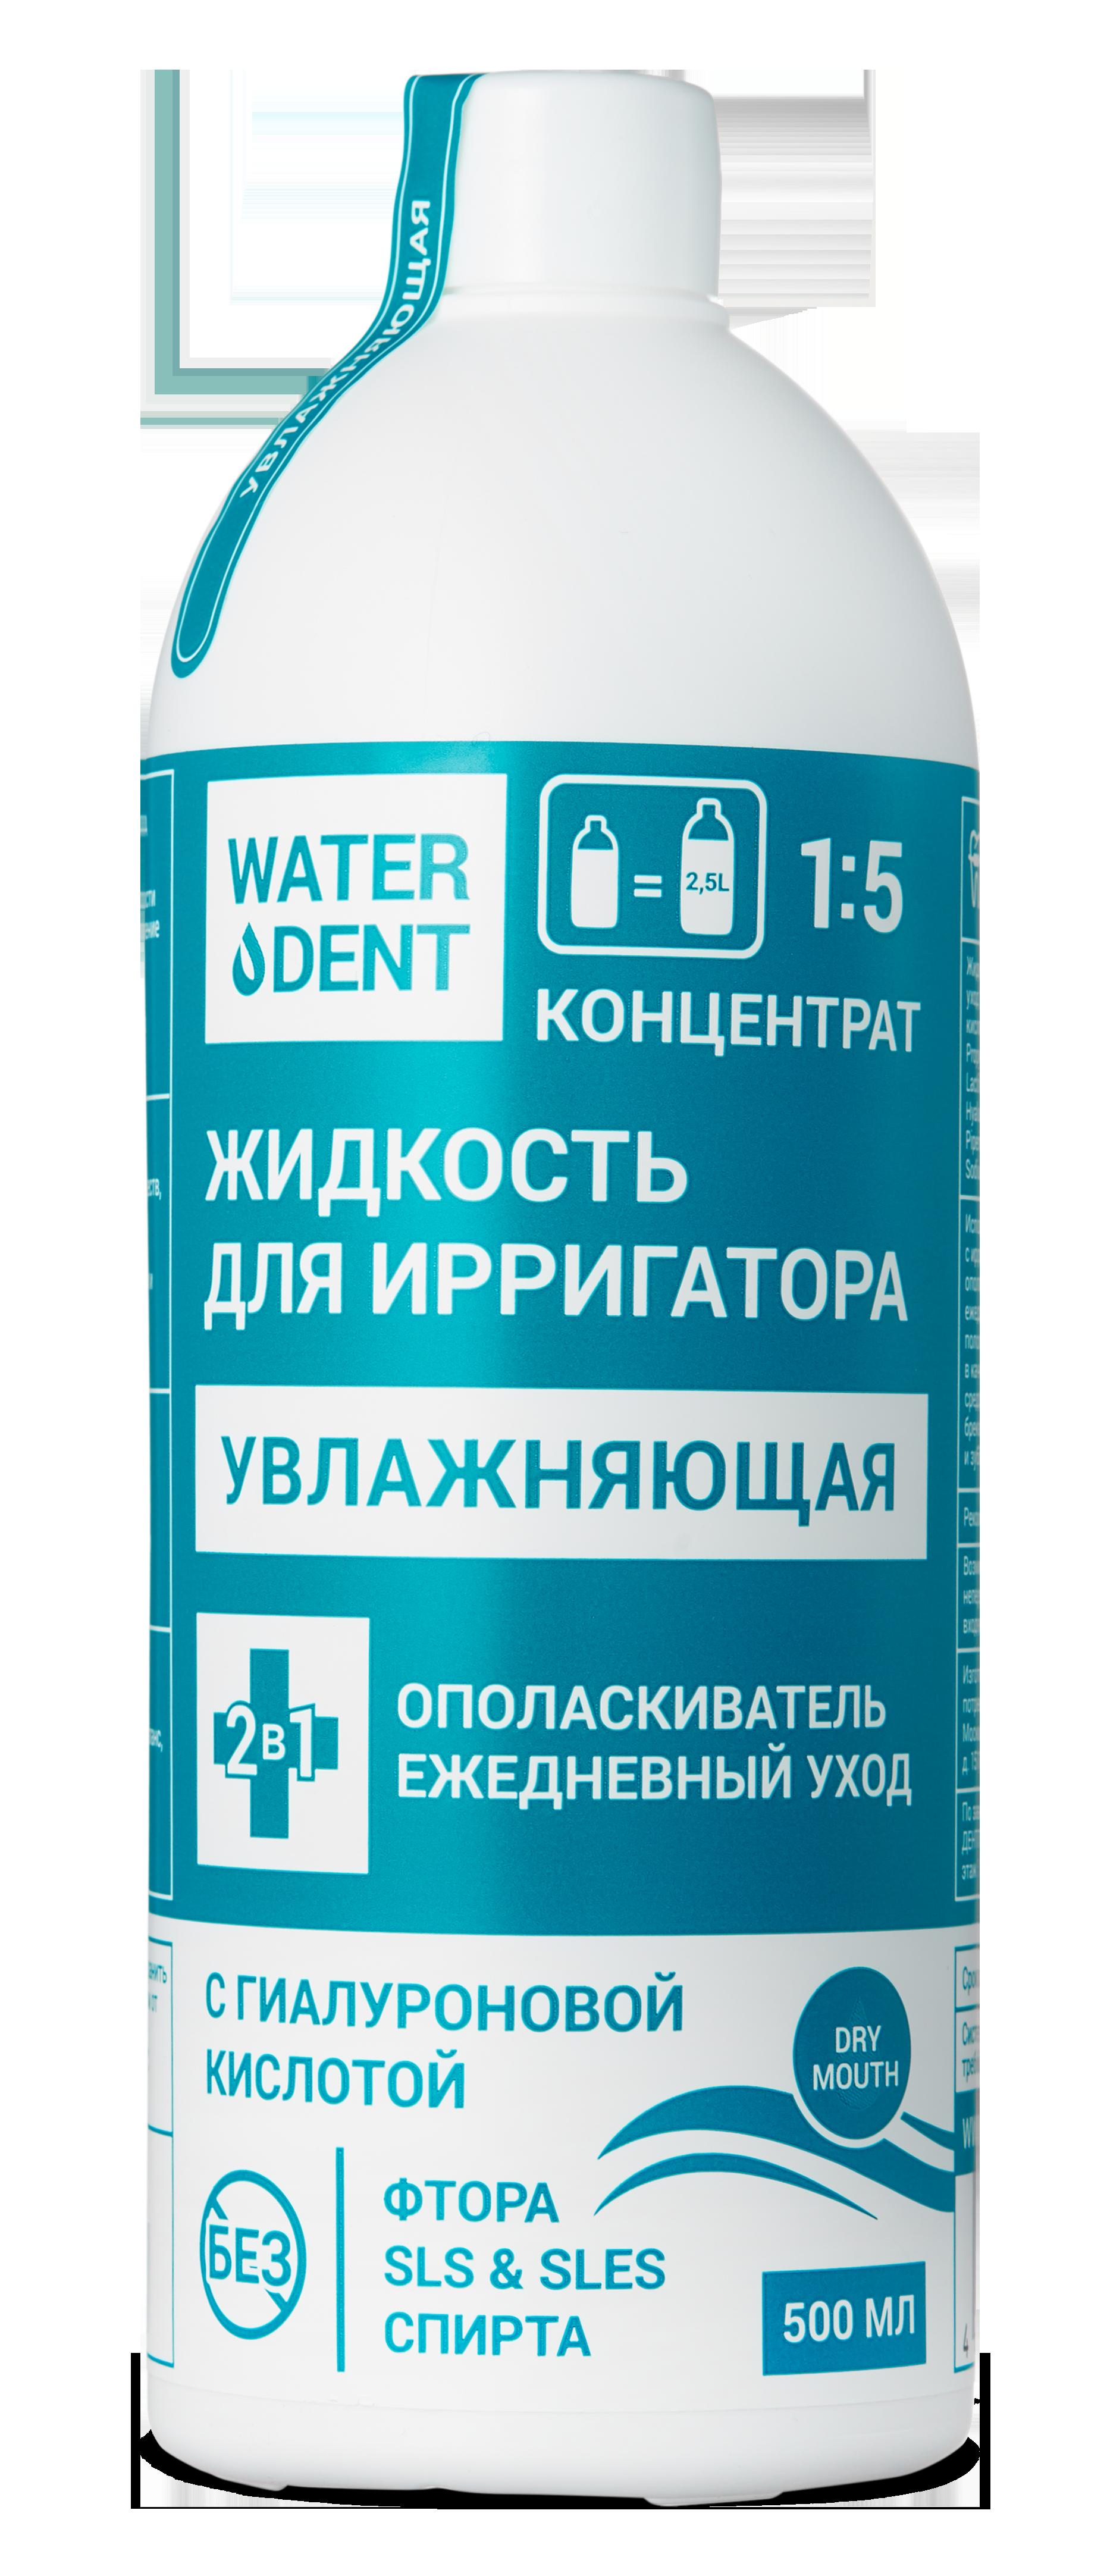 Купить WATERDENT Жидкость с гиалуроновой кислотой для ирригатора 500 мл